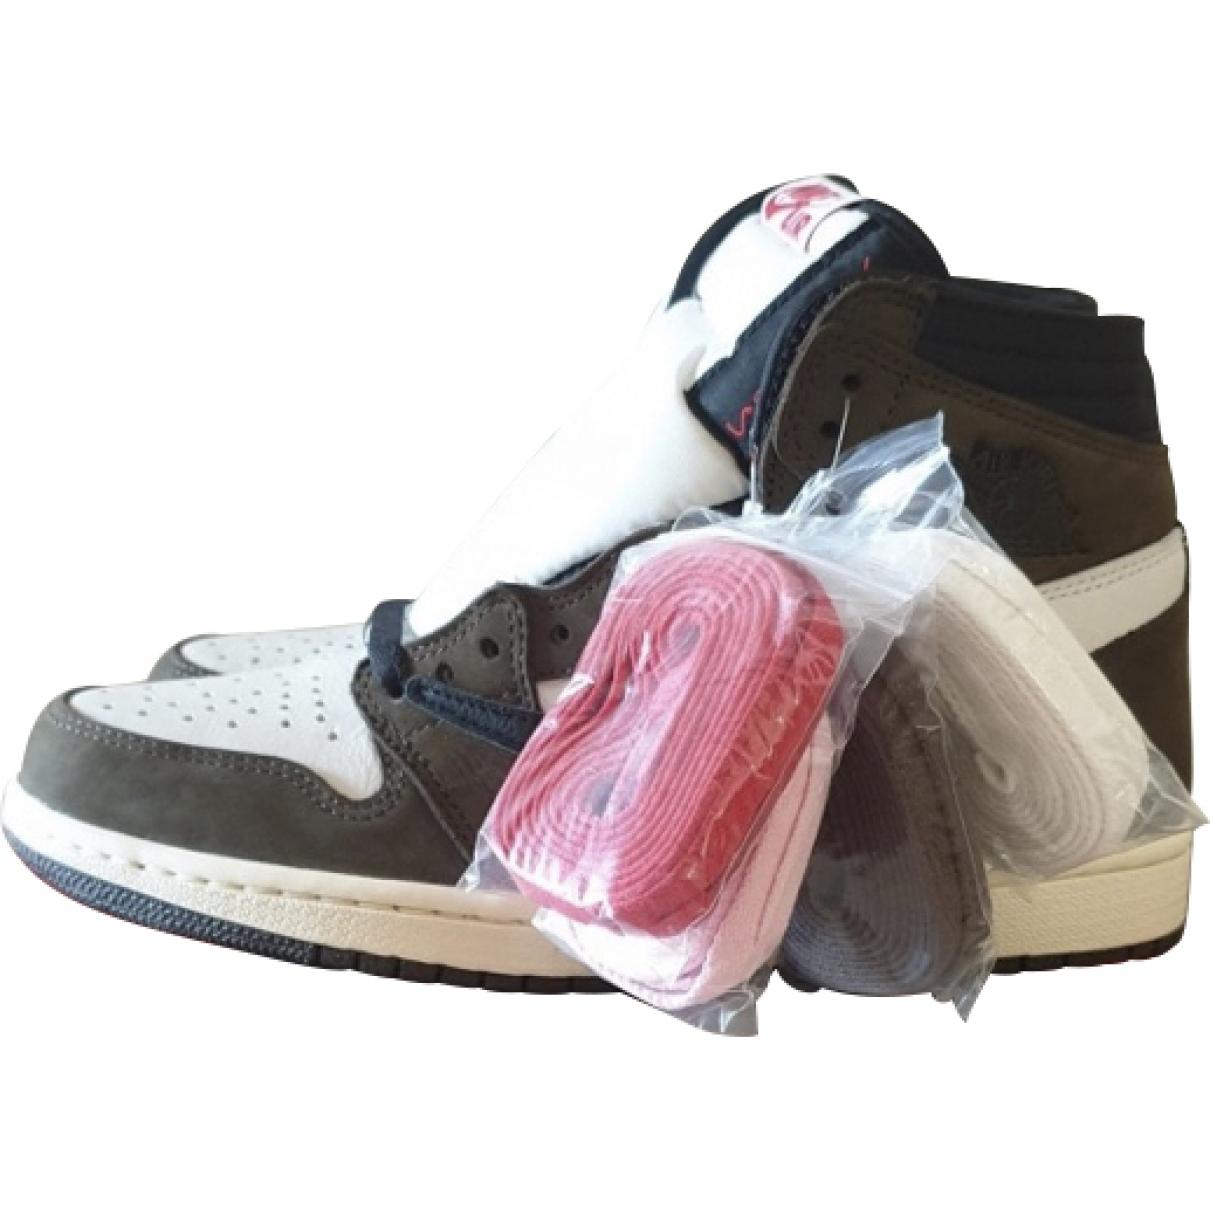 Nike X Travis Scott Air Jordan 1 Brown Leather Lace ups for Men 7 UK